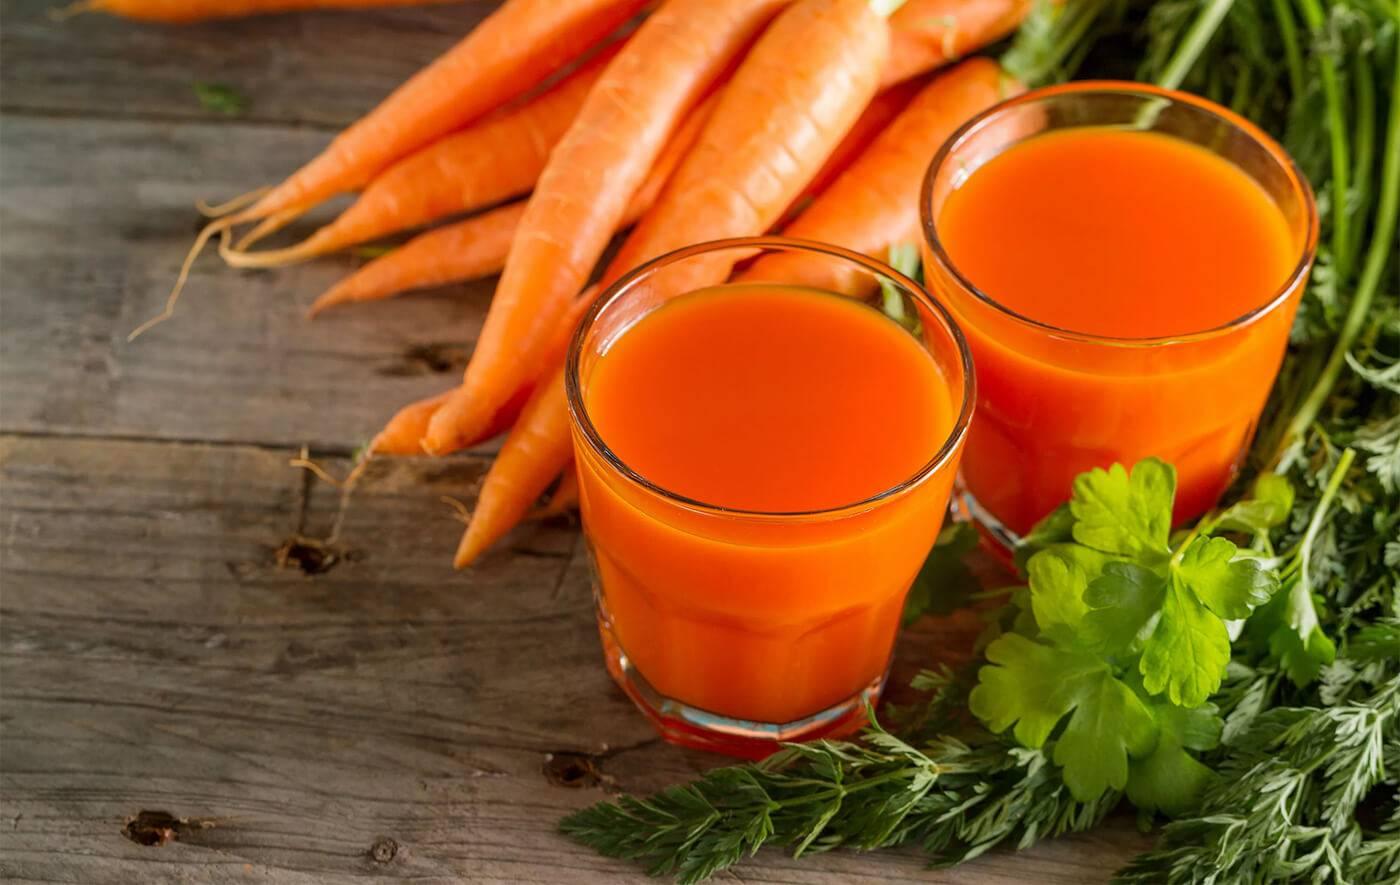 Оранжевый целитель – чем полезен и кому вреден морковный чай? рецепты морковного чая, показания и противопоказания - автор екатерина данилова - журнал женское мнение